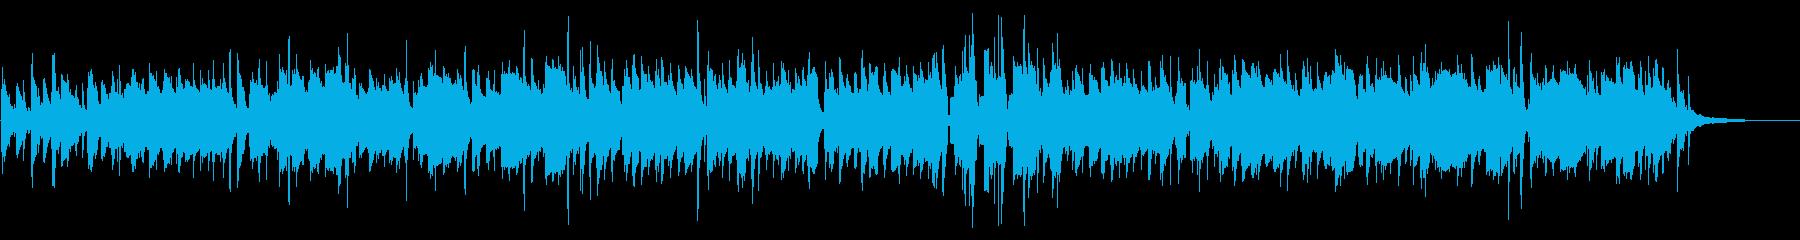 ウキウキ軽快なクラリネットのスイングの再生済みの波形